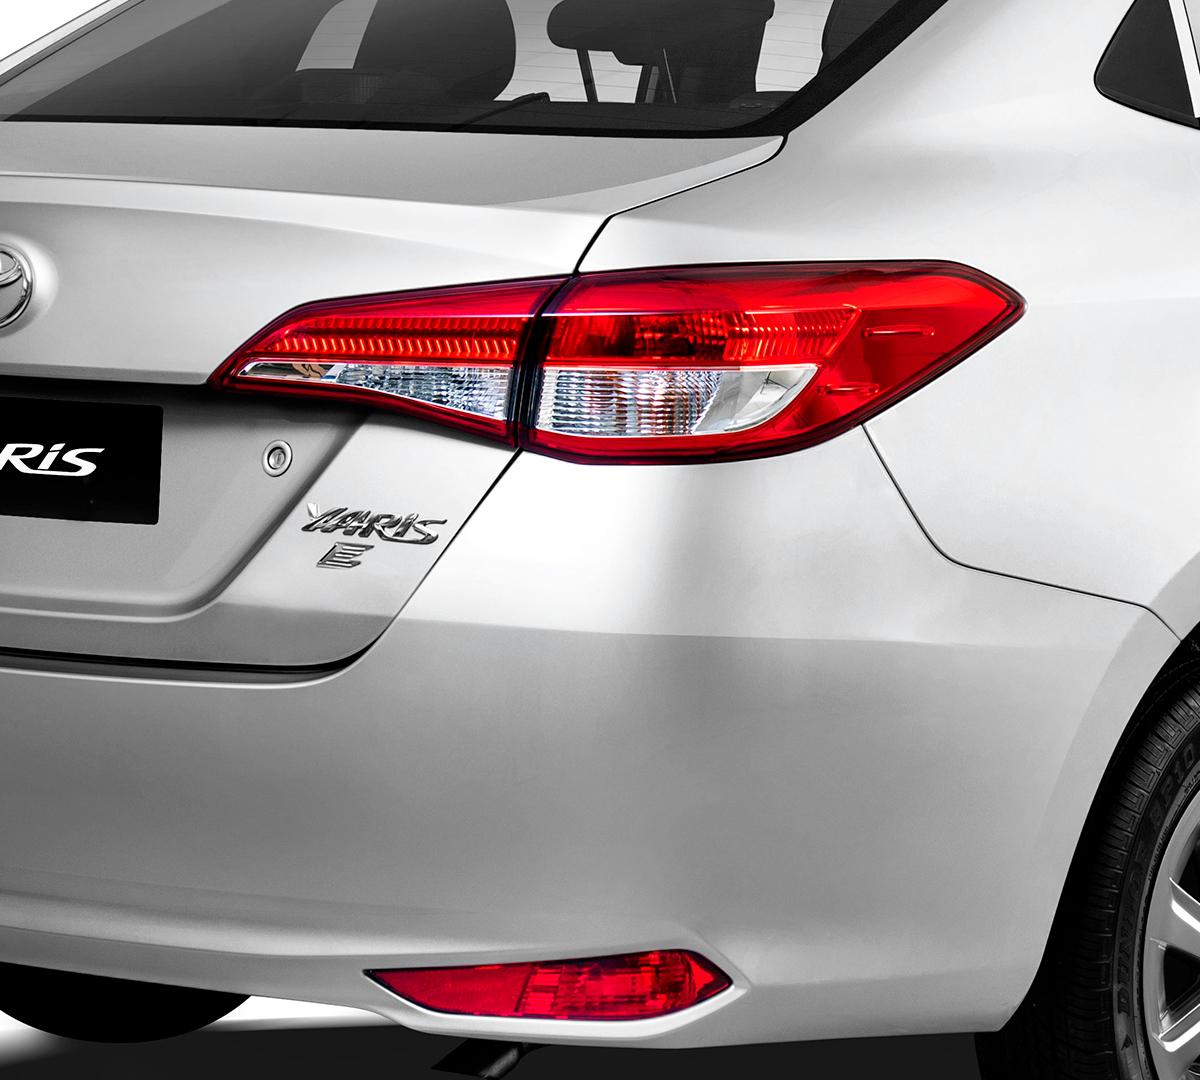 Venta de autos nuevos Toyota en Perú